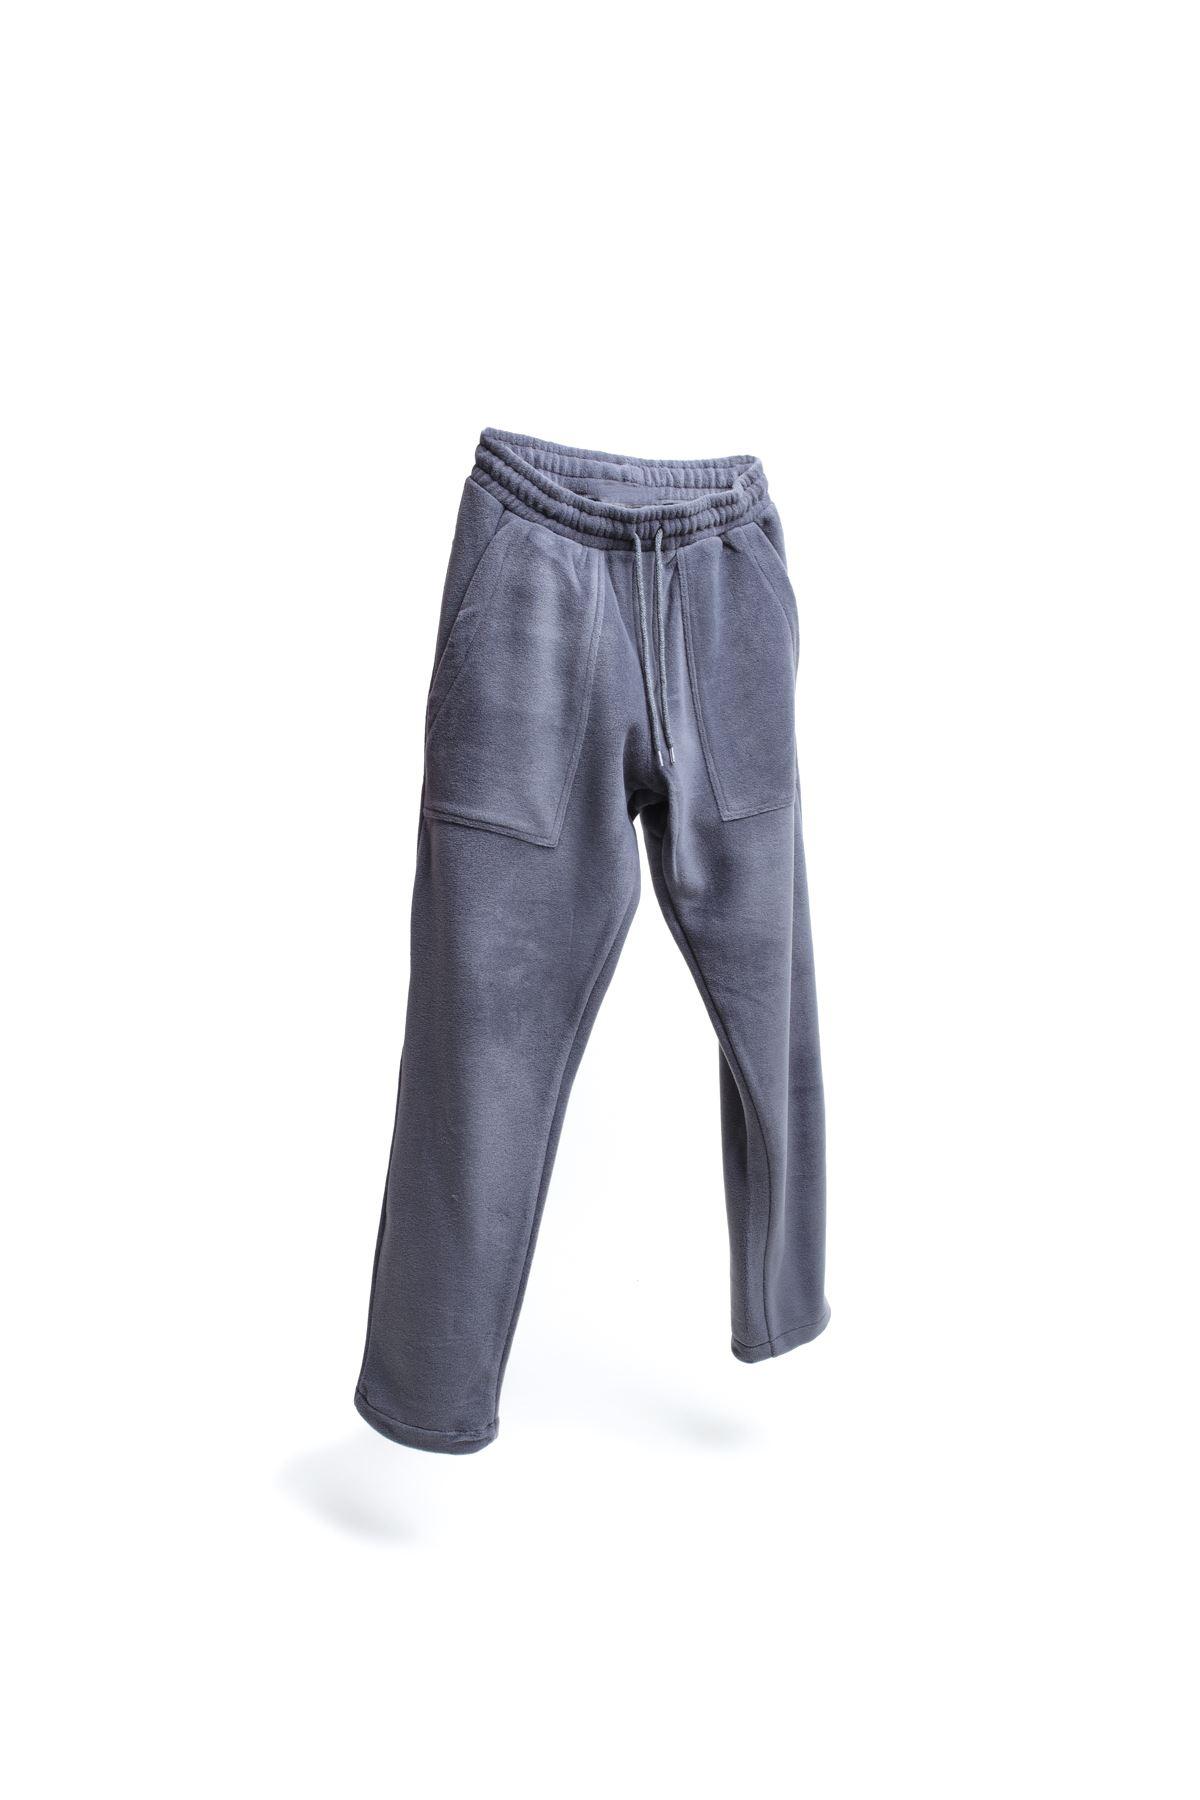 Antrasit Polar Jogger Pantolon